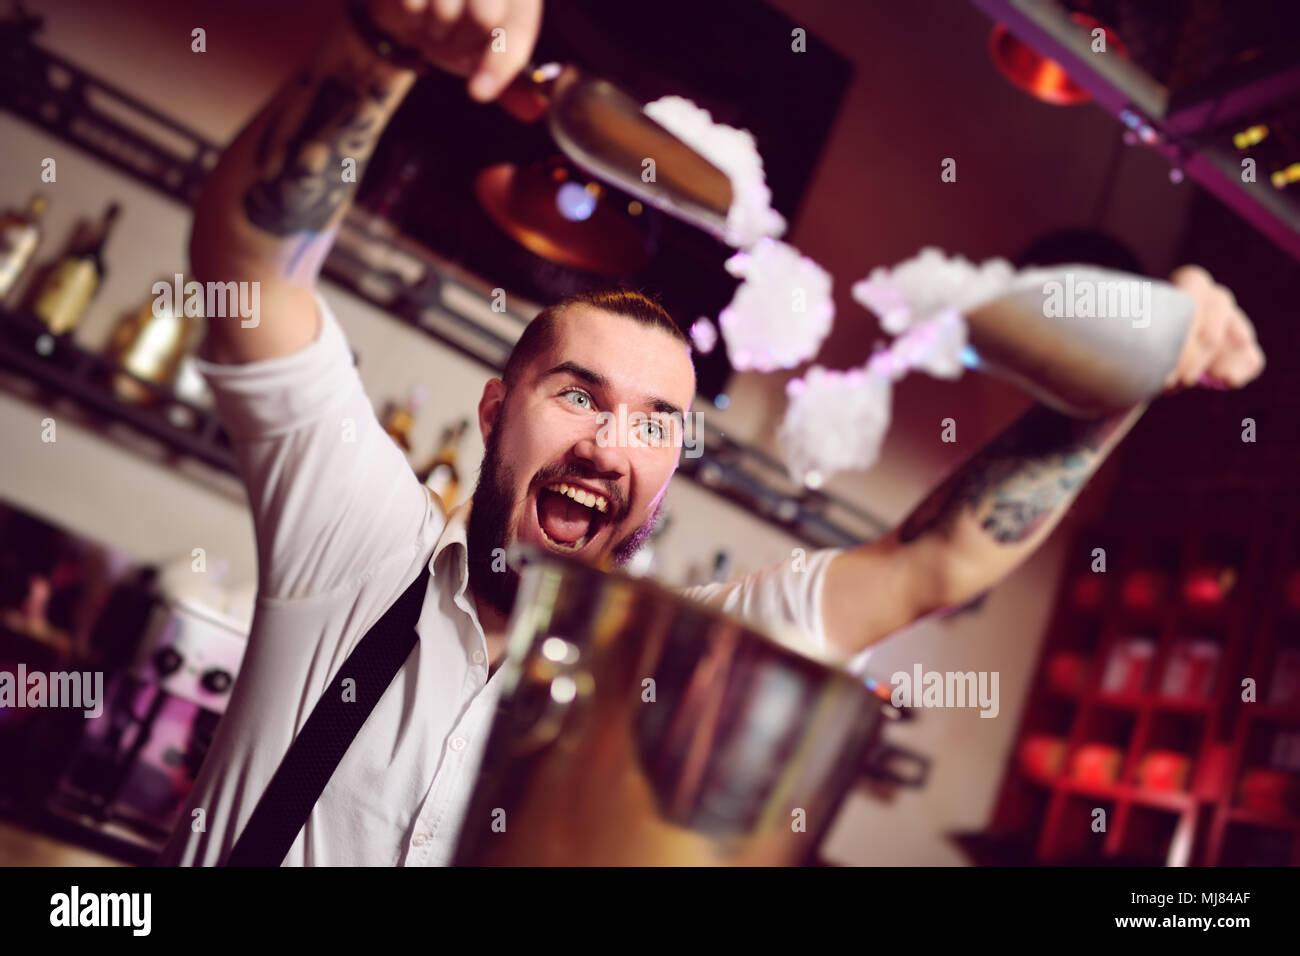 Allegro barman sorrisi, urla e si addormenta in un secchiello per champagne sullo sfondo della barra. Immagini Stock